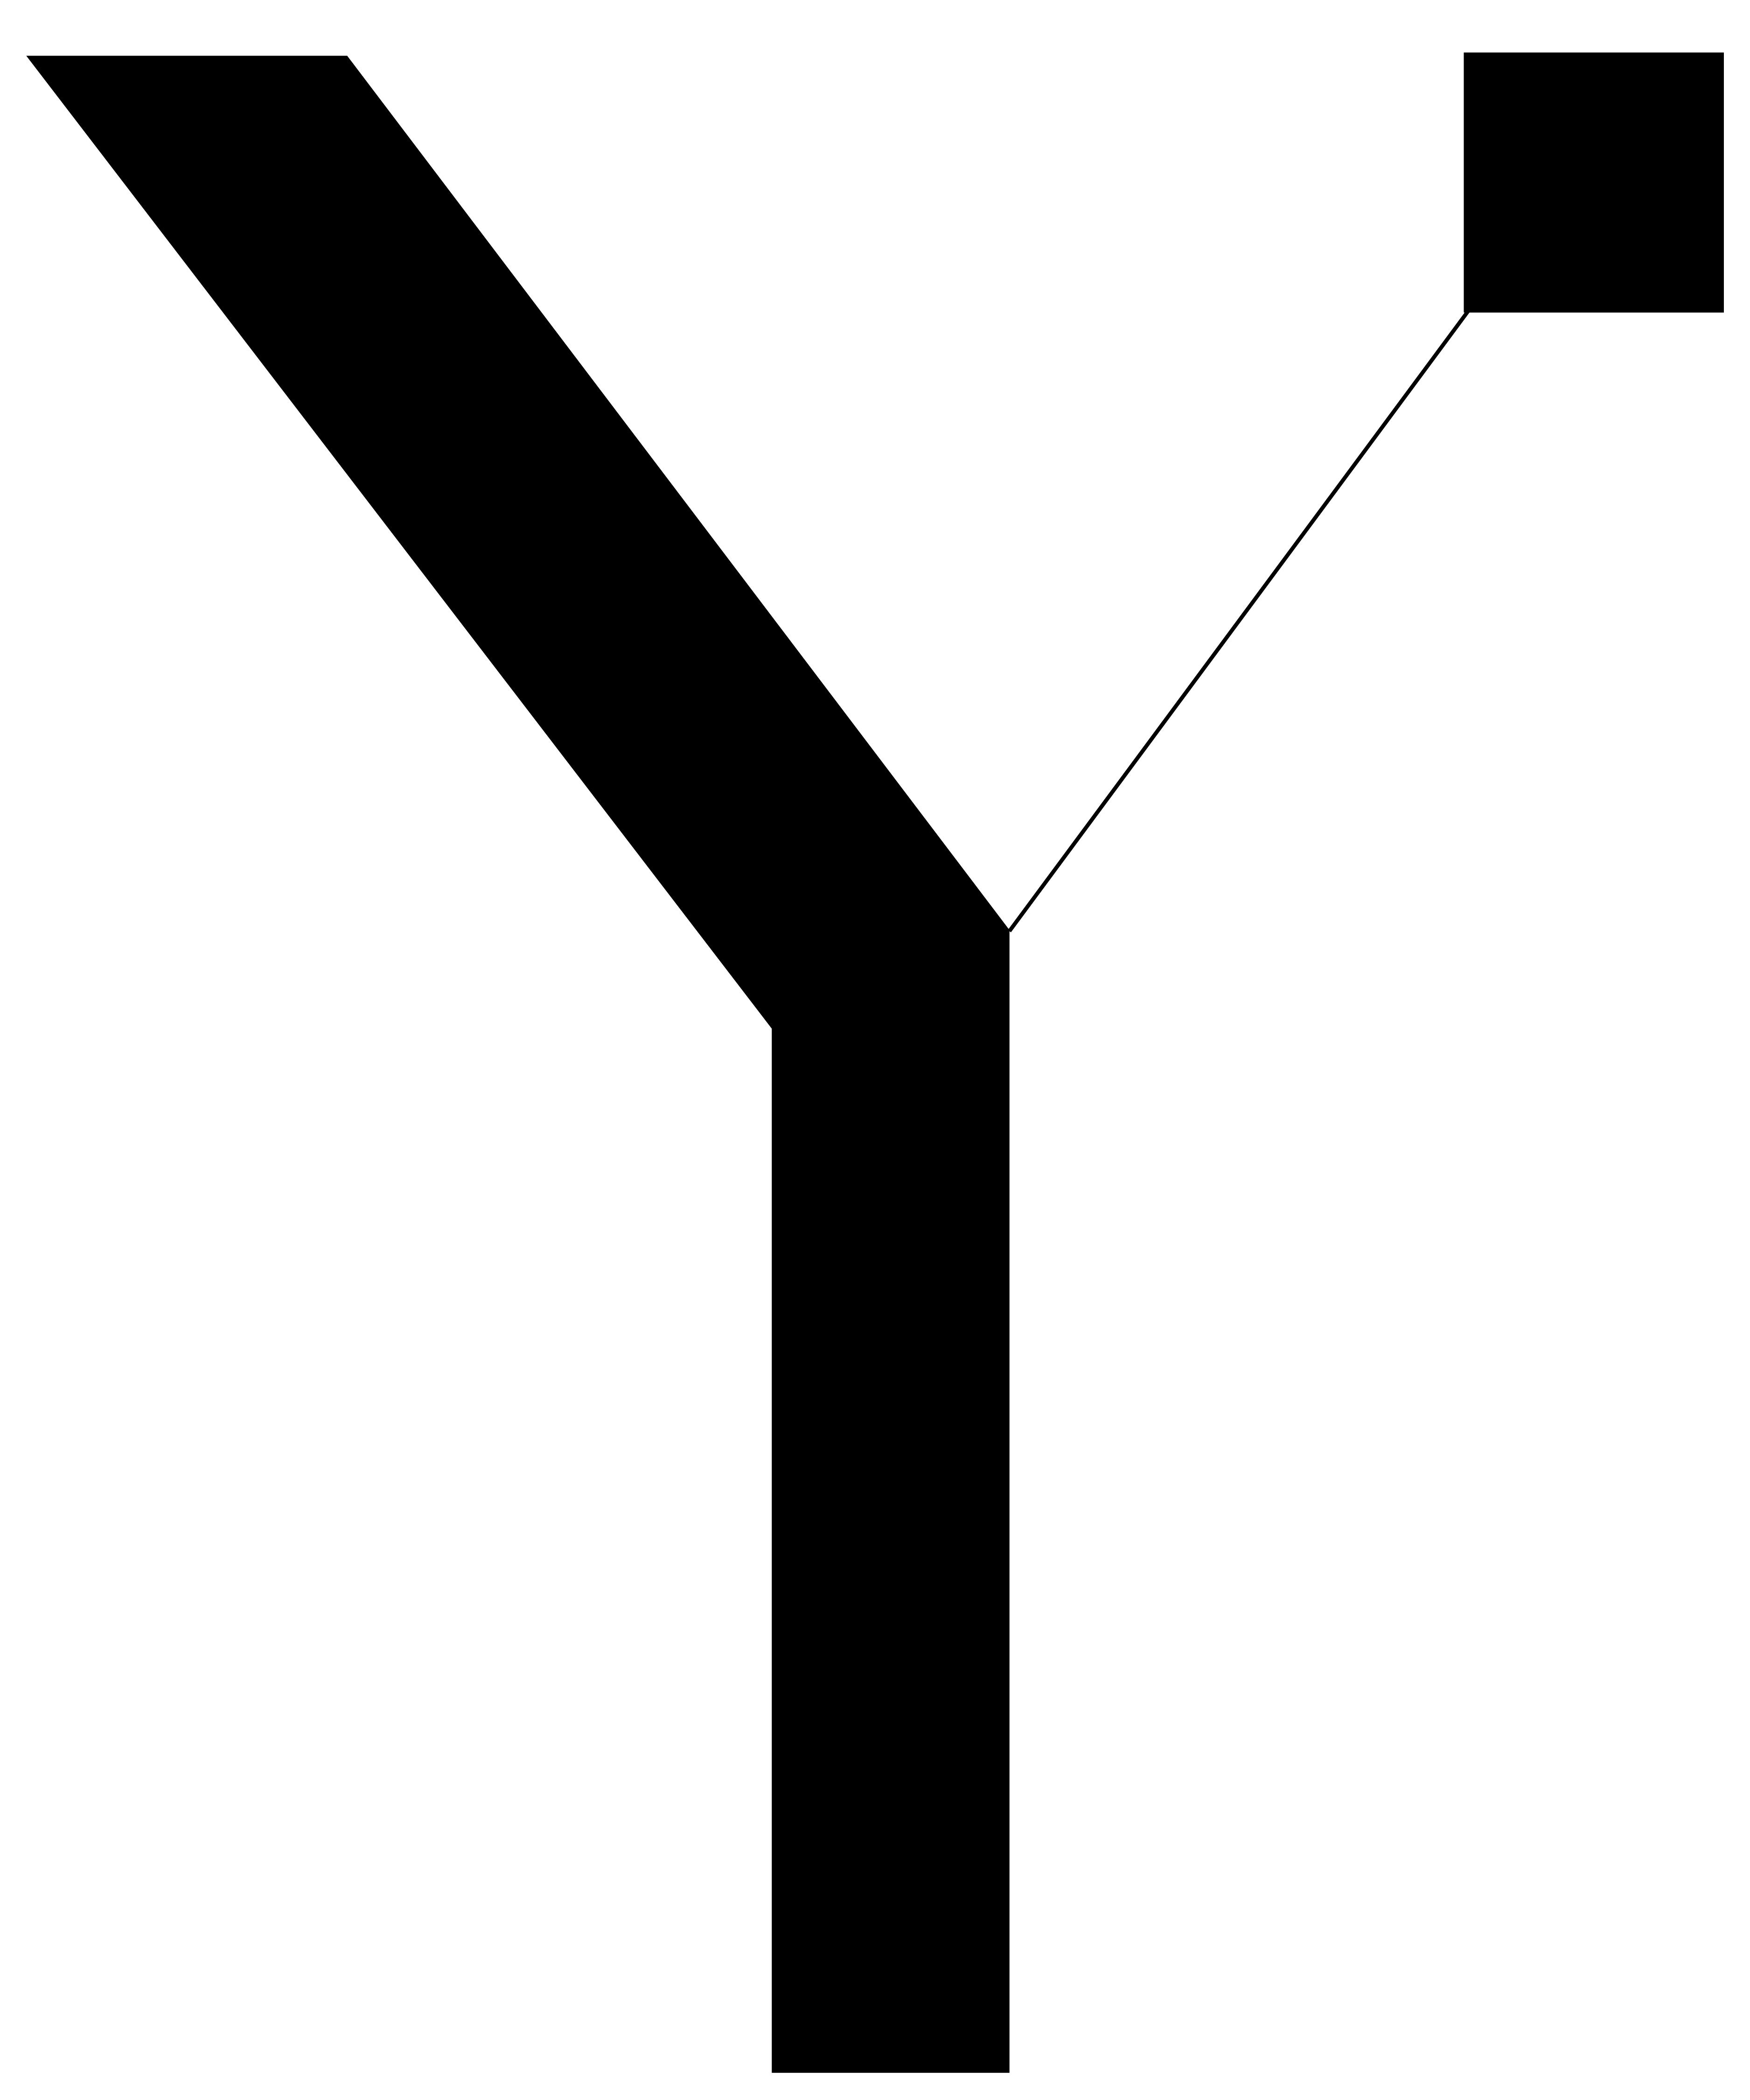 Yenah Shin